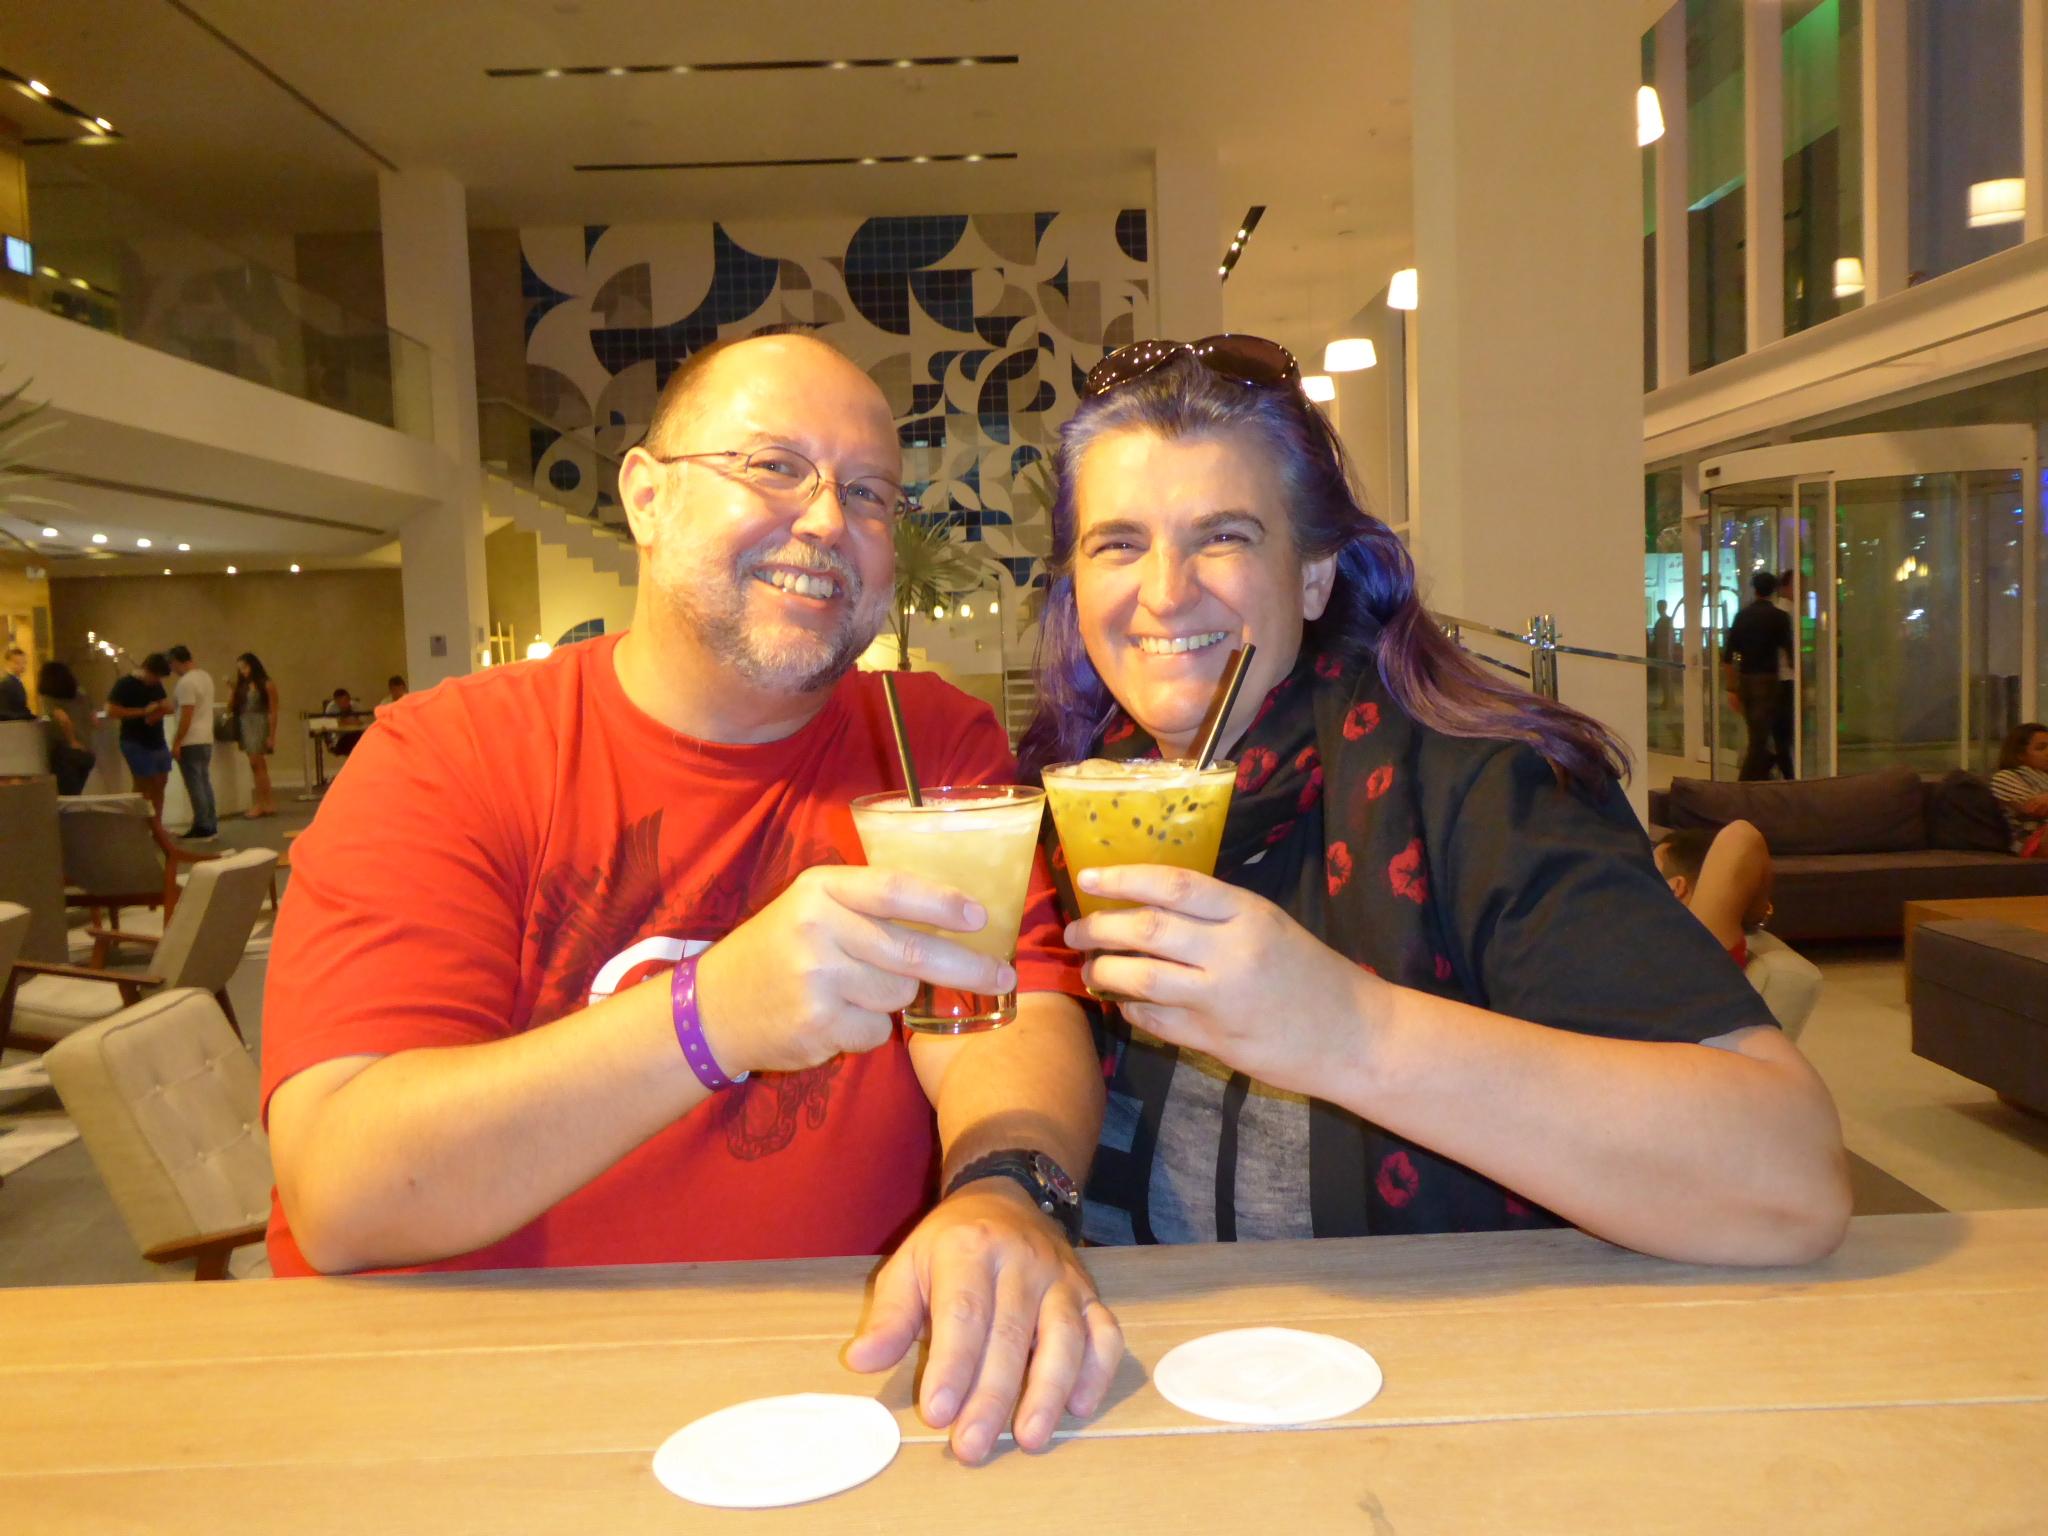 Unser erster Caipirinha in Brasilien. Maracuja für Monica, Ananas für Reiner